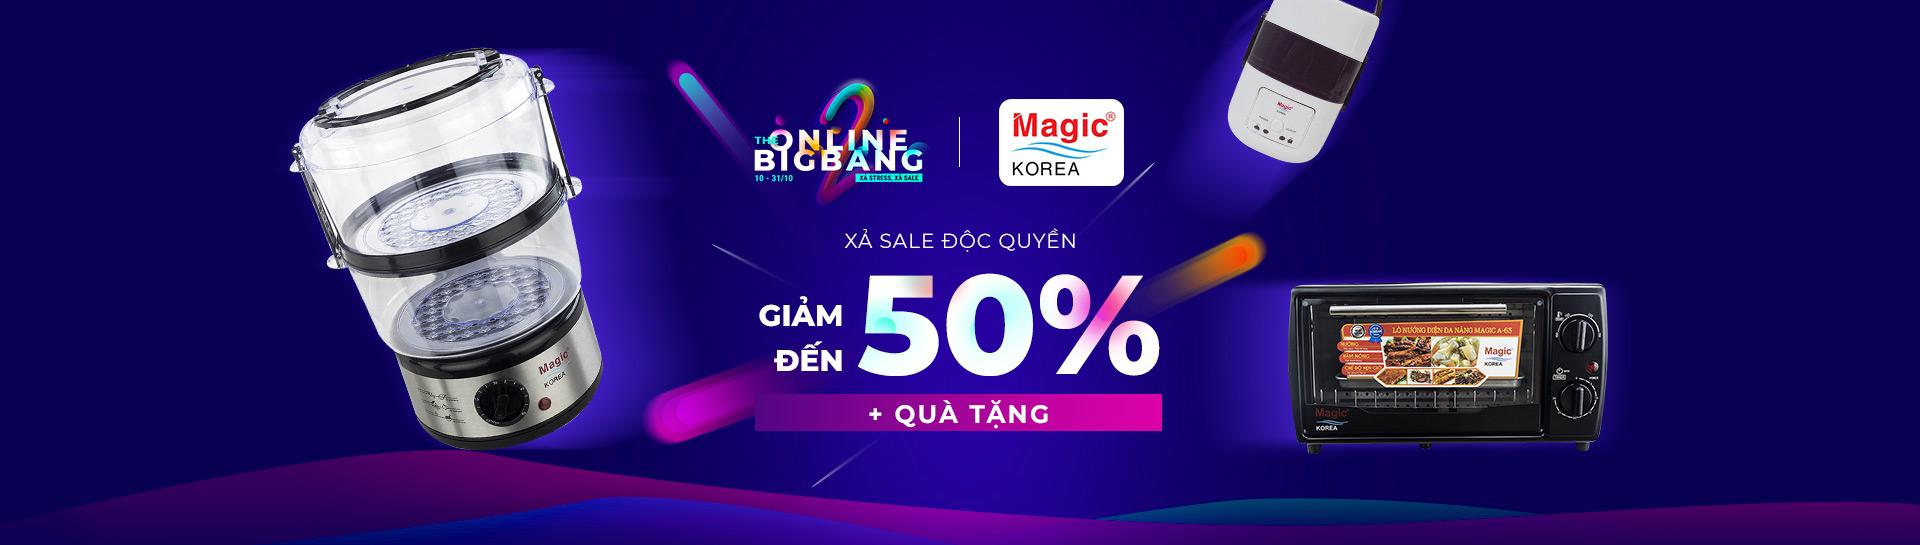 Hình ảnh Magic Korea - Giảm giá đến 40% + Quà tặng